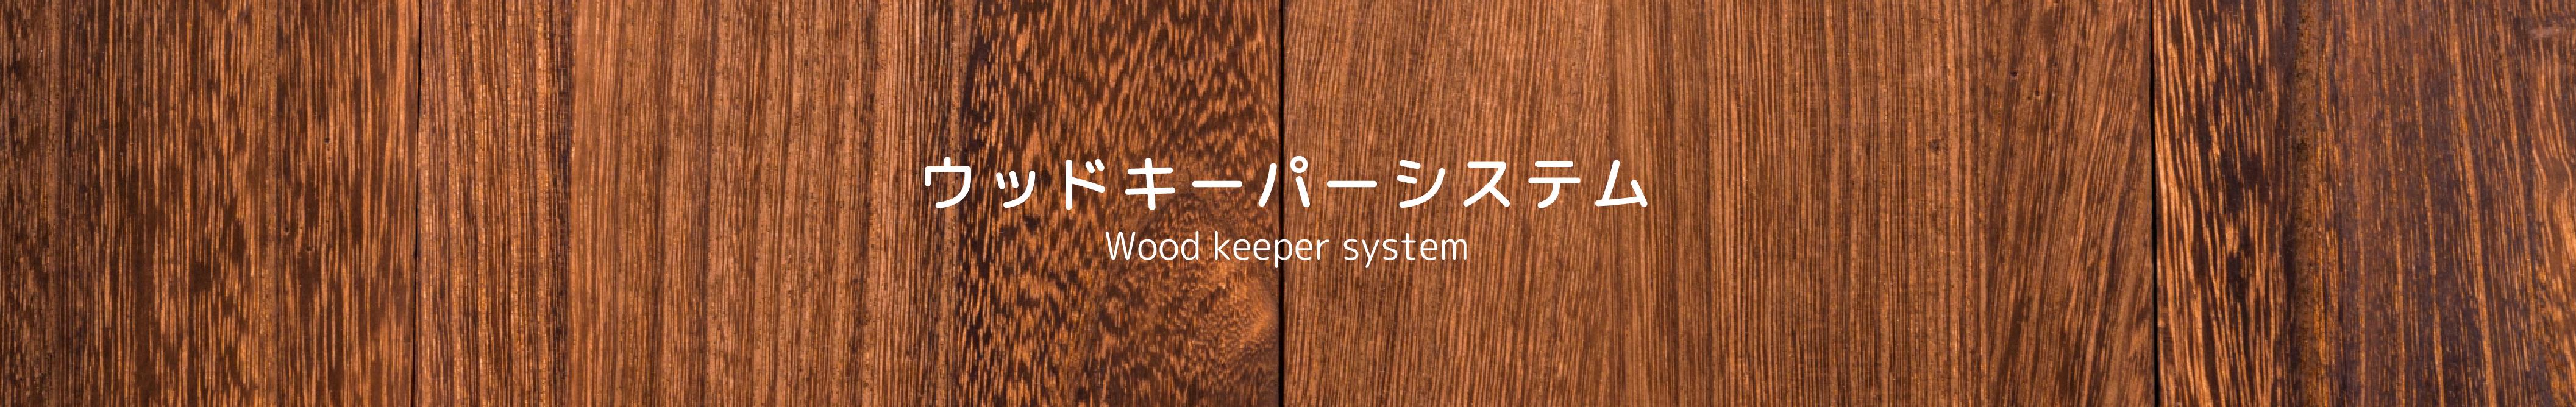 ウッドキーパーシステム